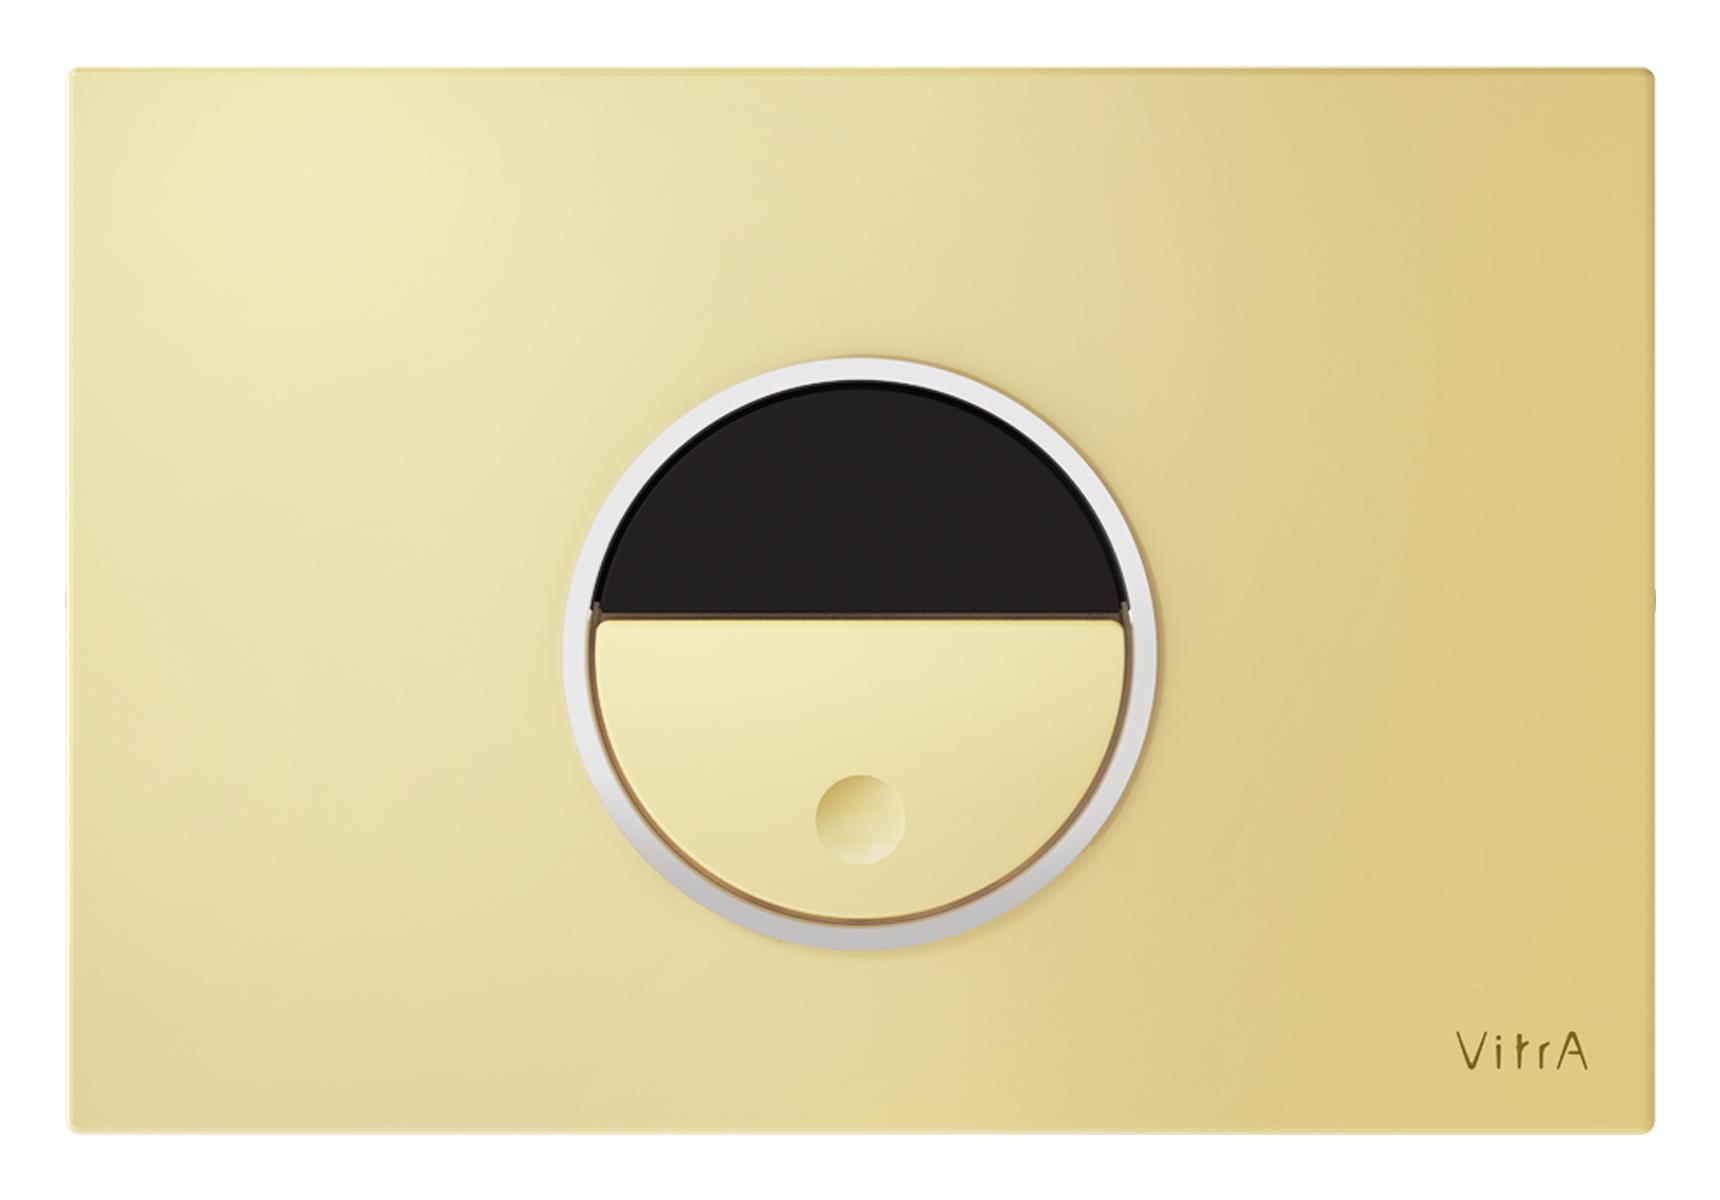 Pro panneau de commande 3/6 l, doré, 24,1  x  16,1 cm